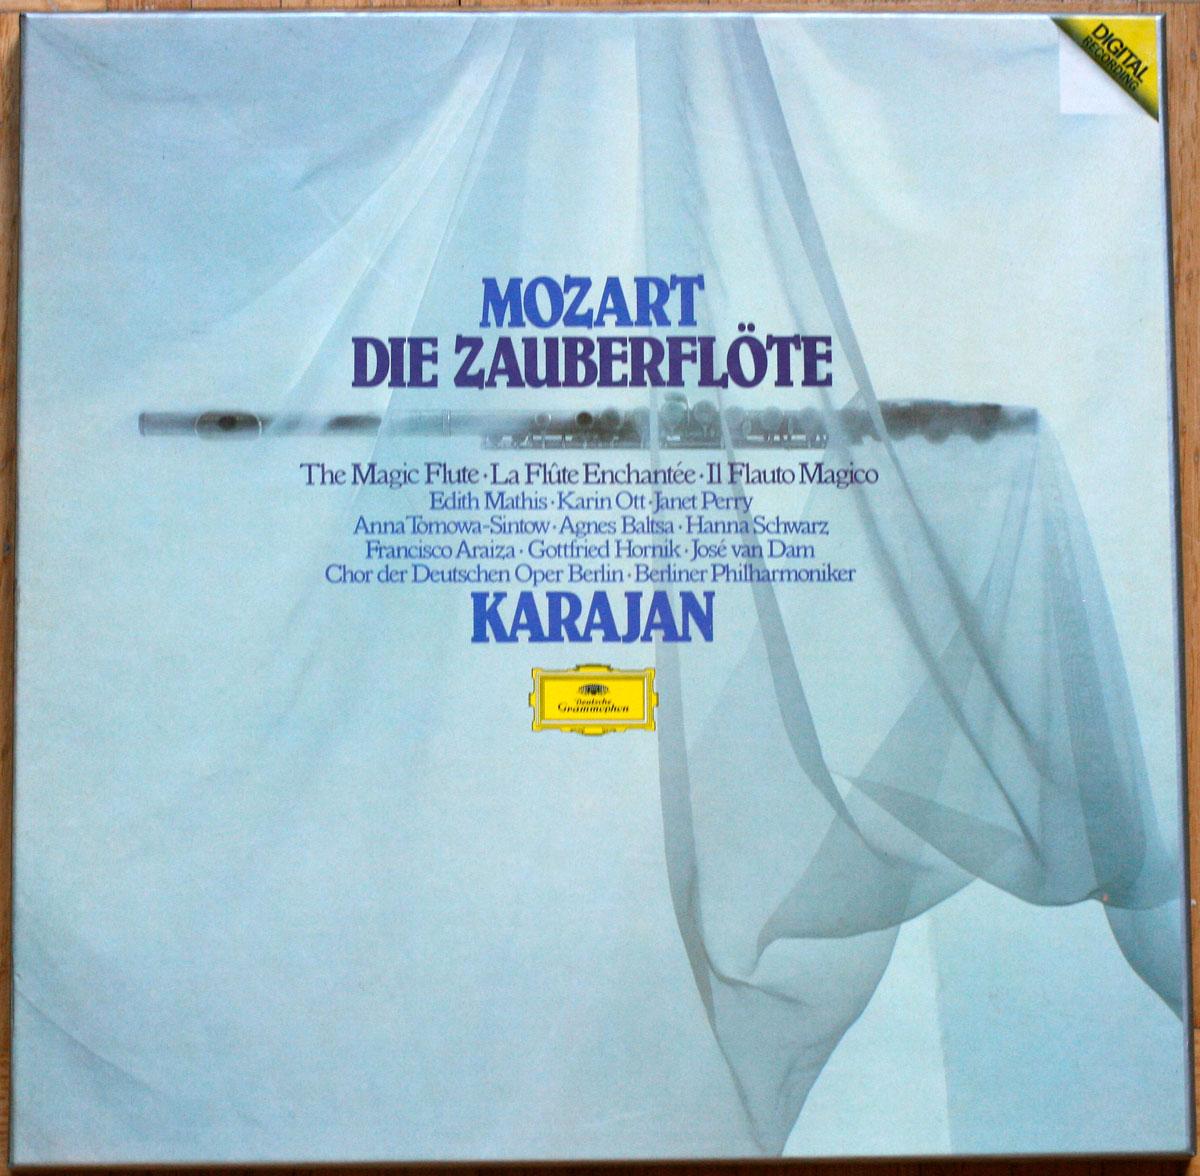 DGG 2741 001 Mozart_ Zauberflote Karajan